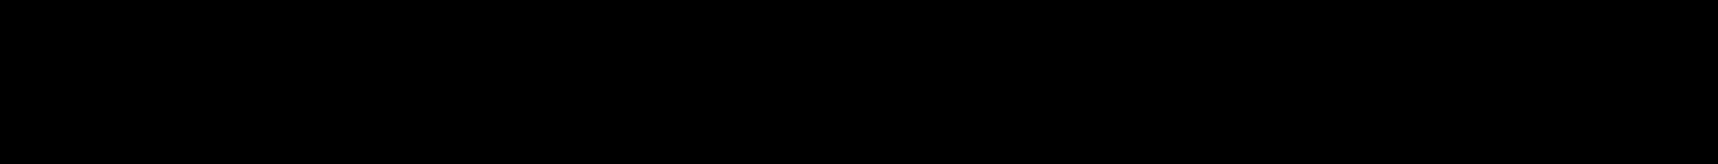 Zengin Hukuk: Bilişim Avukatı